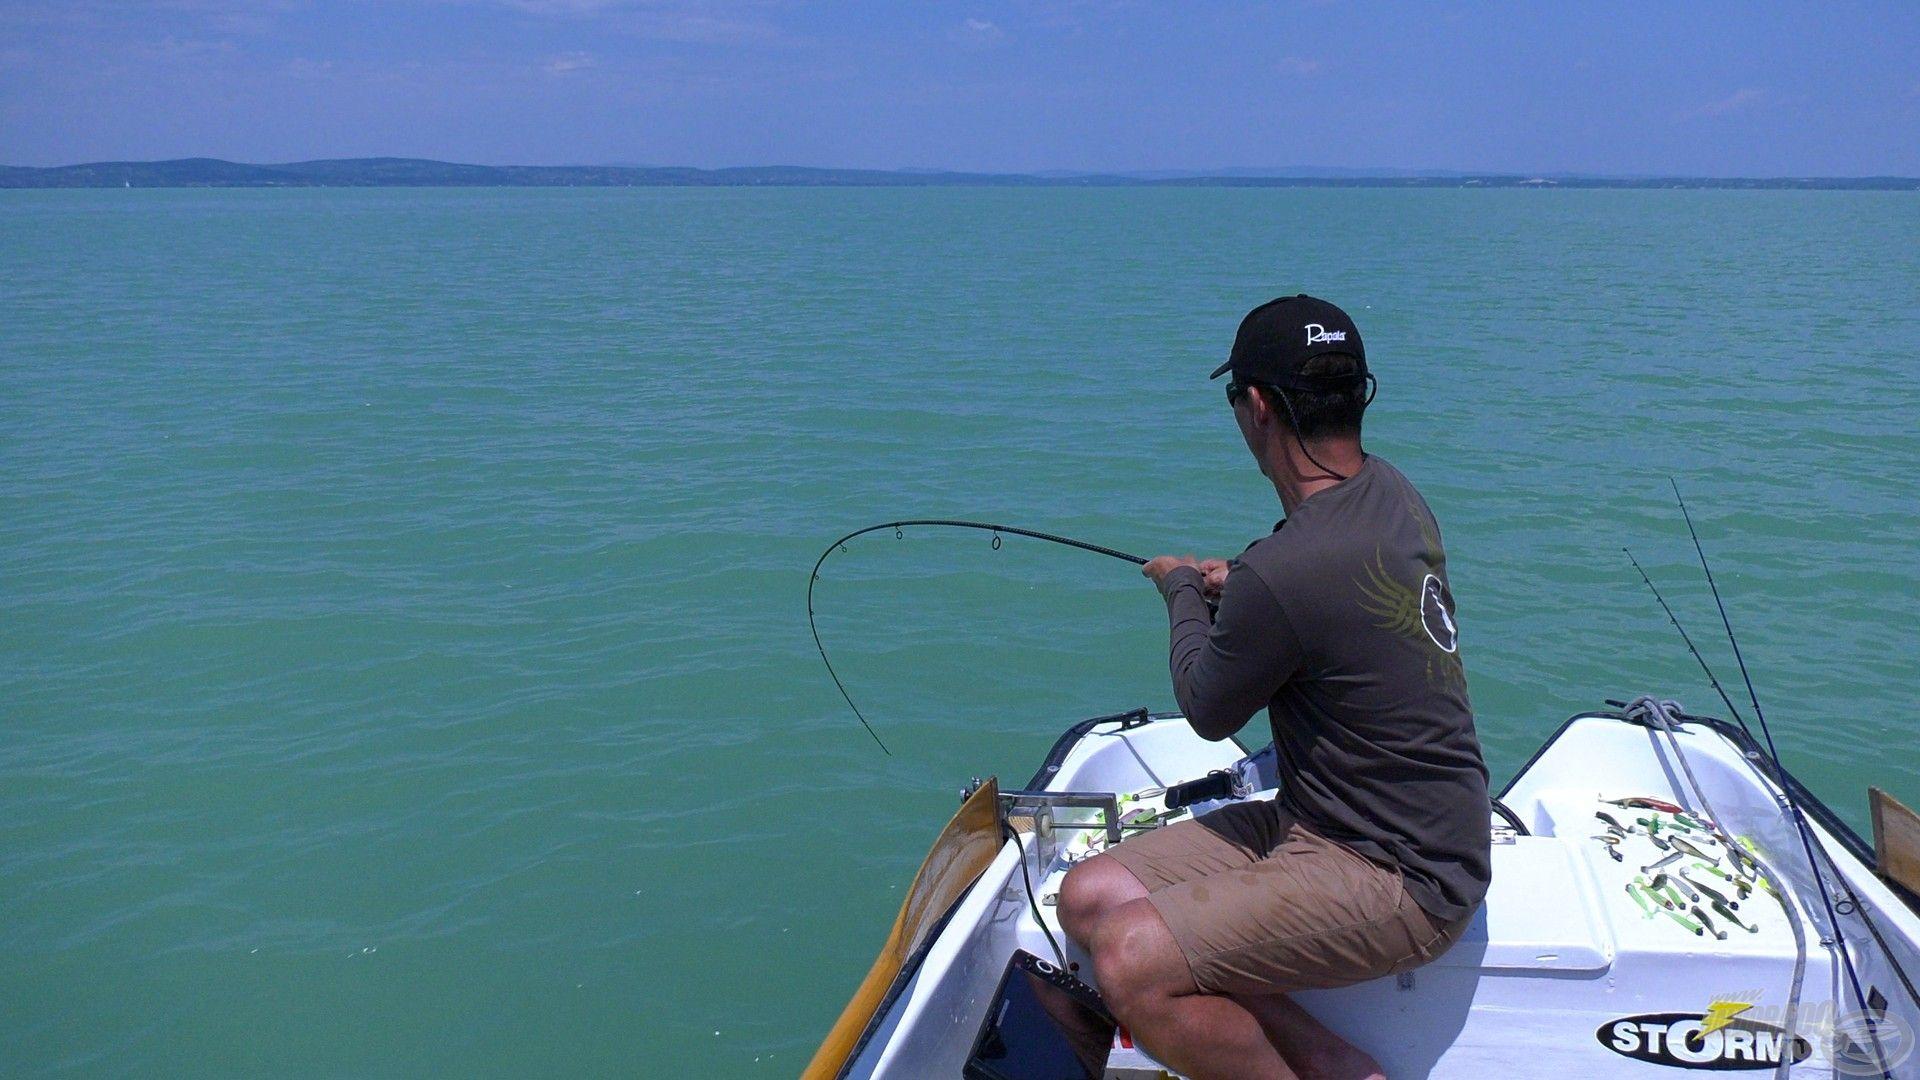 Többször is áttört a csónak alatt, de nem a bot, sokkal inkább az előke miatt nem mertem megállítani ilyenkor, hiszen látható, hogy van ott még tartalék ;)